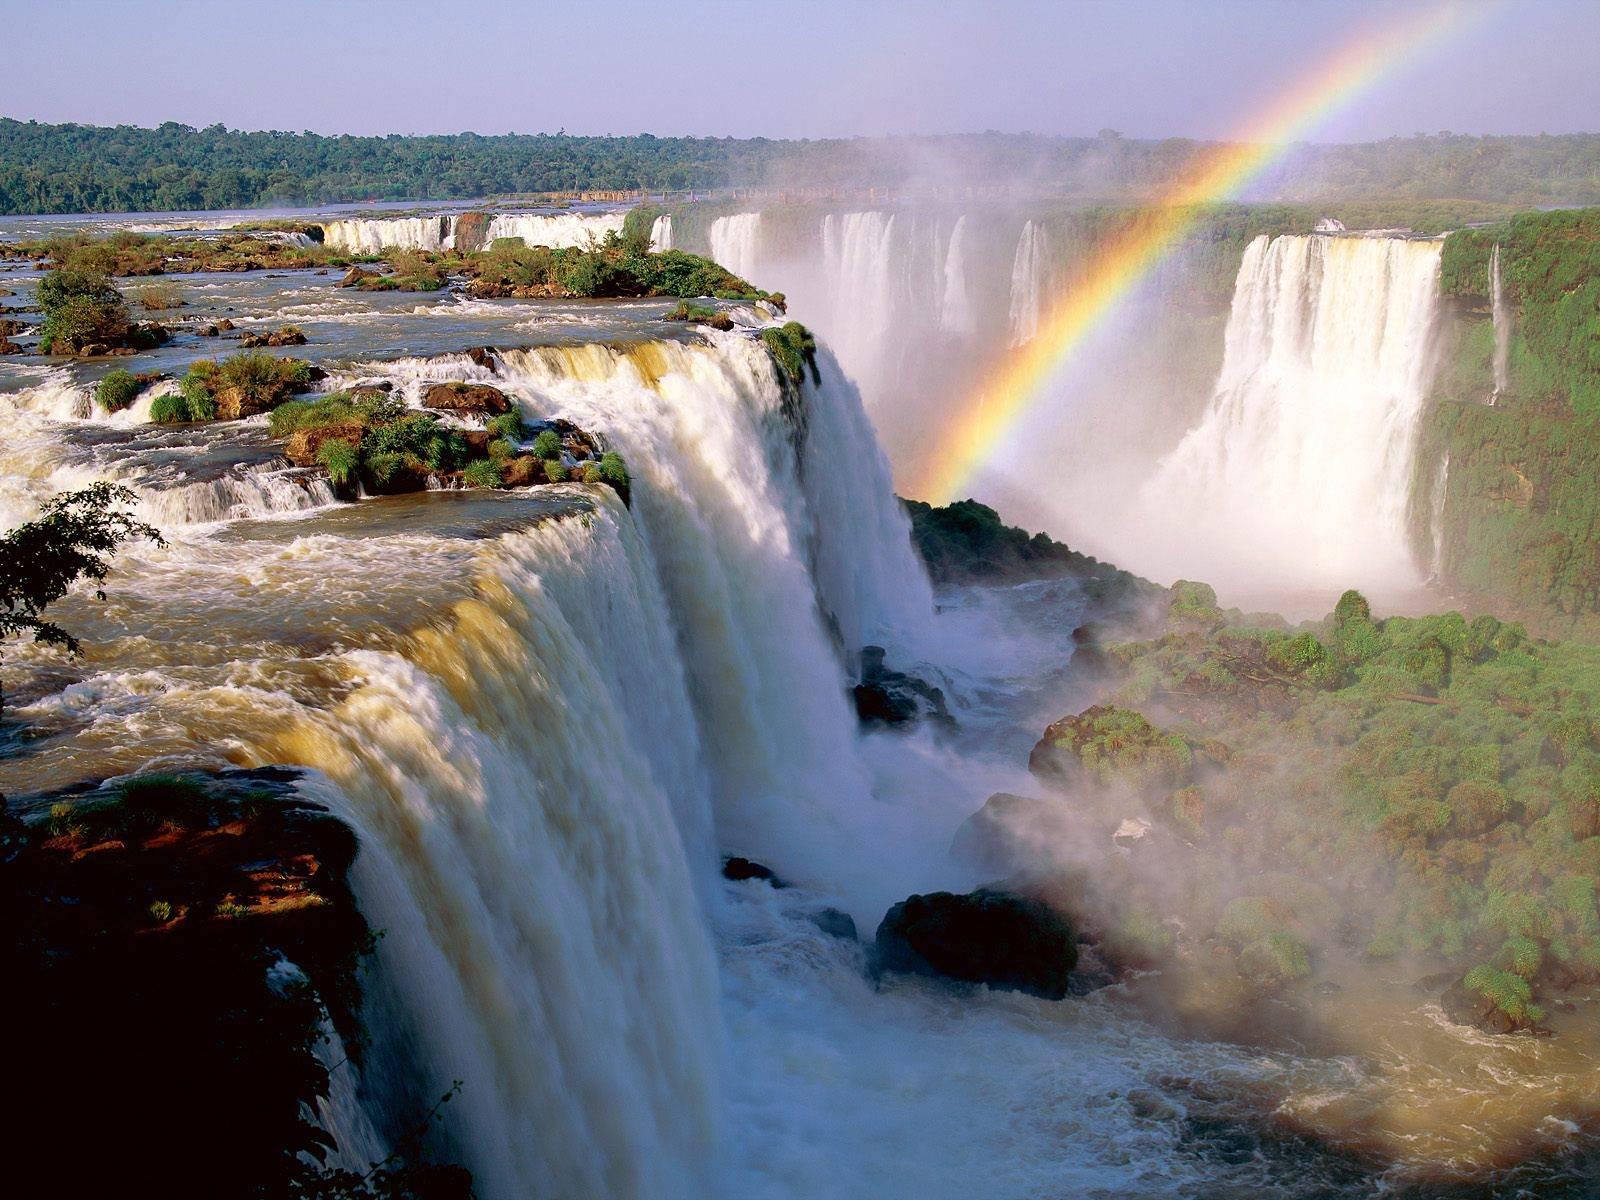 Iguazú entre las atracciones turísticas más elegidas por los argentinos, según Booking